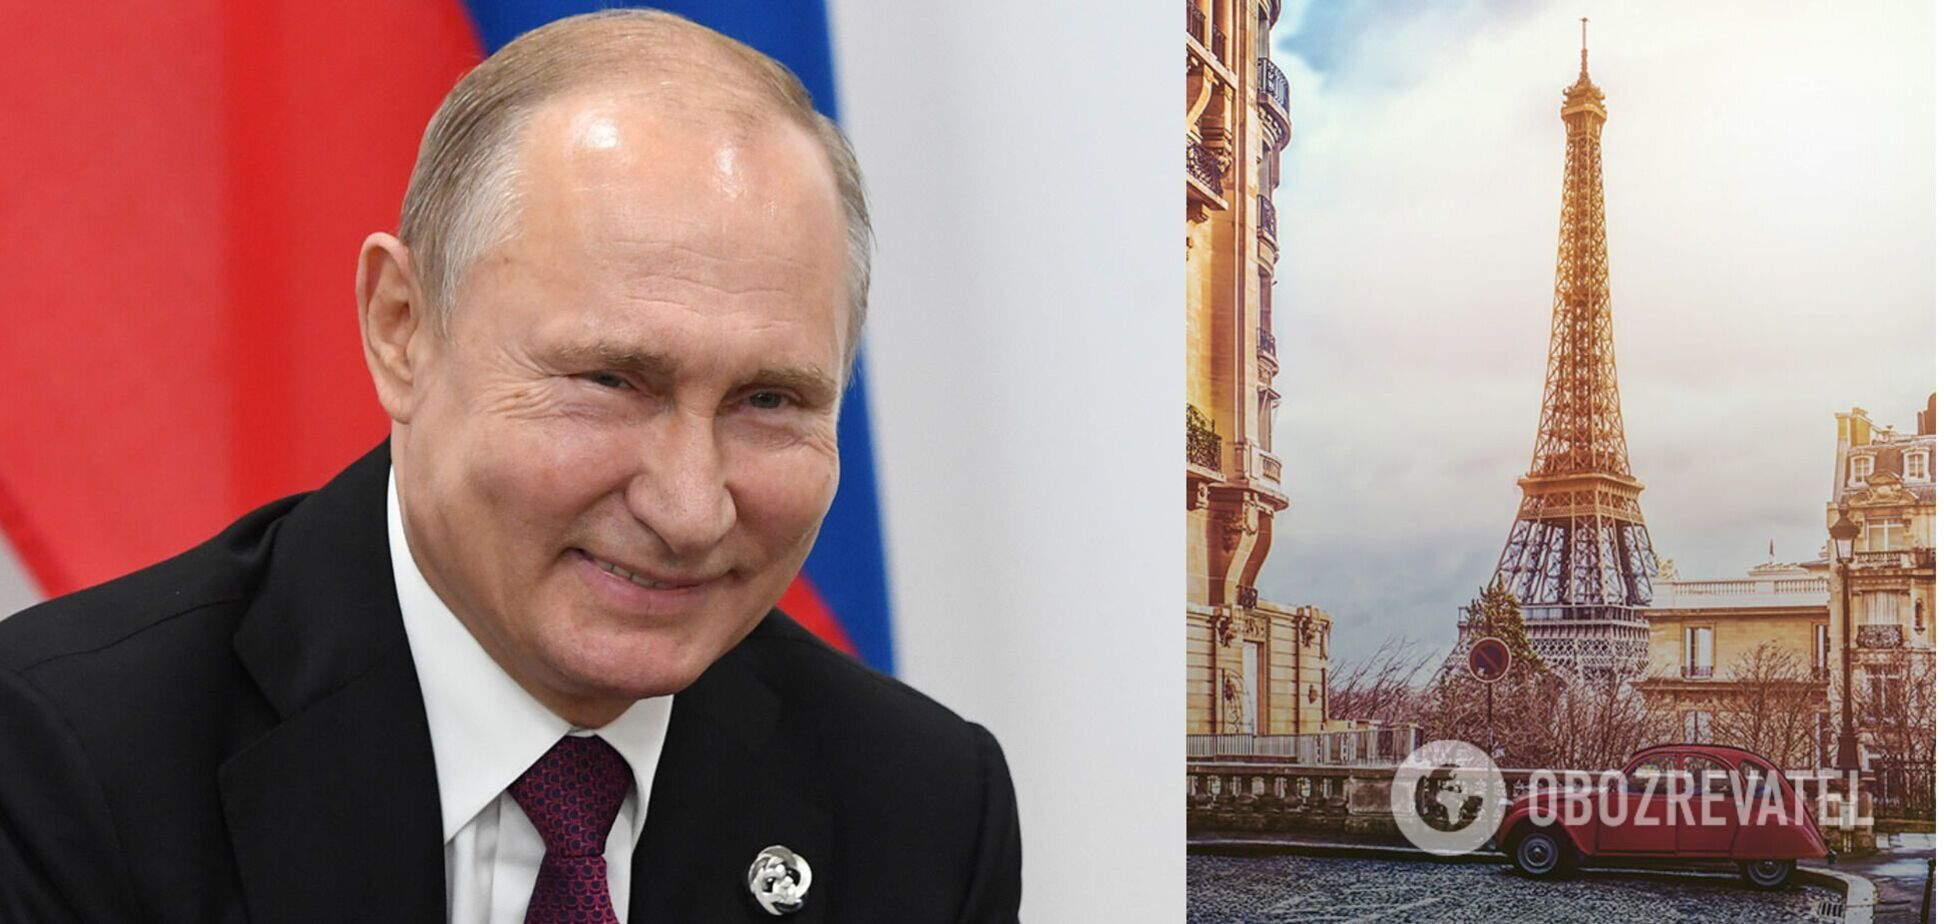 Гончаренко показал элитные квартиры 'друзей Путина' в Париже. Видео